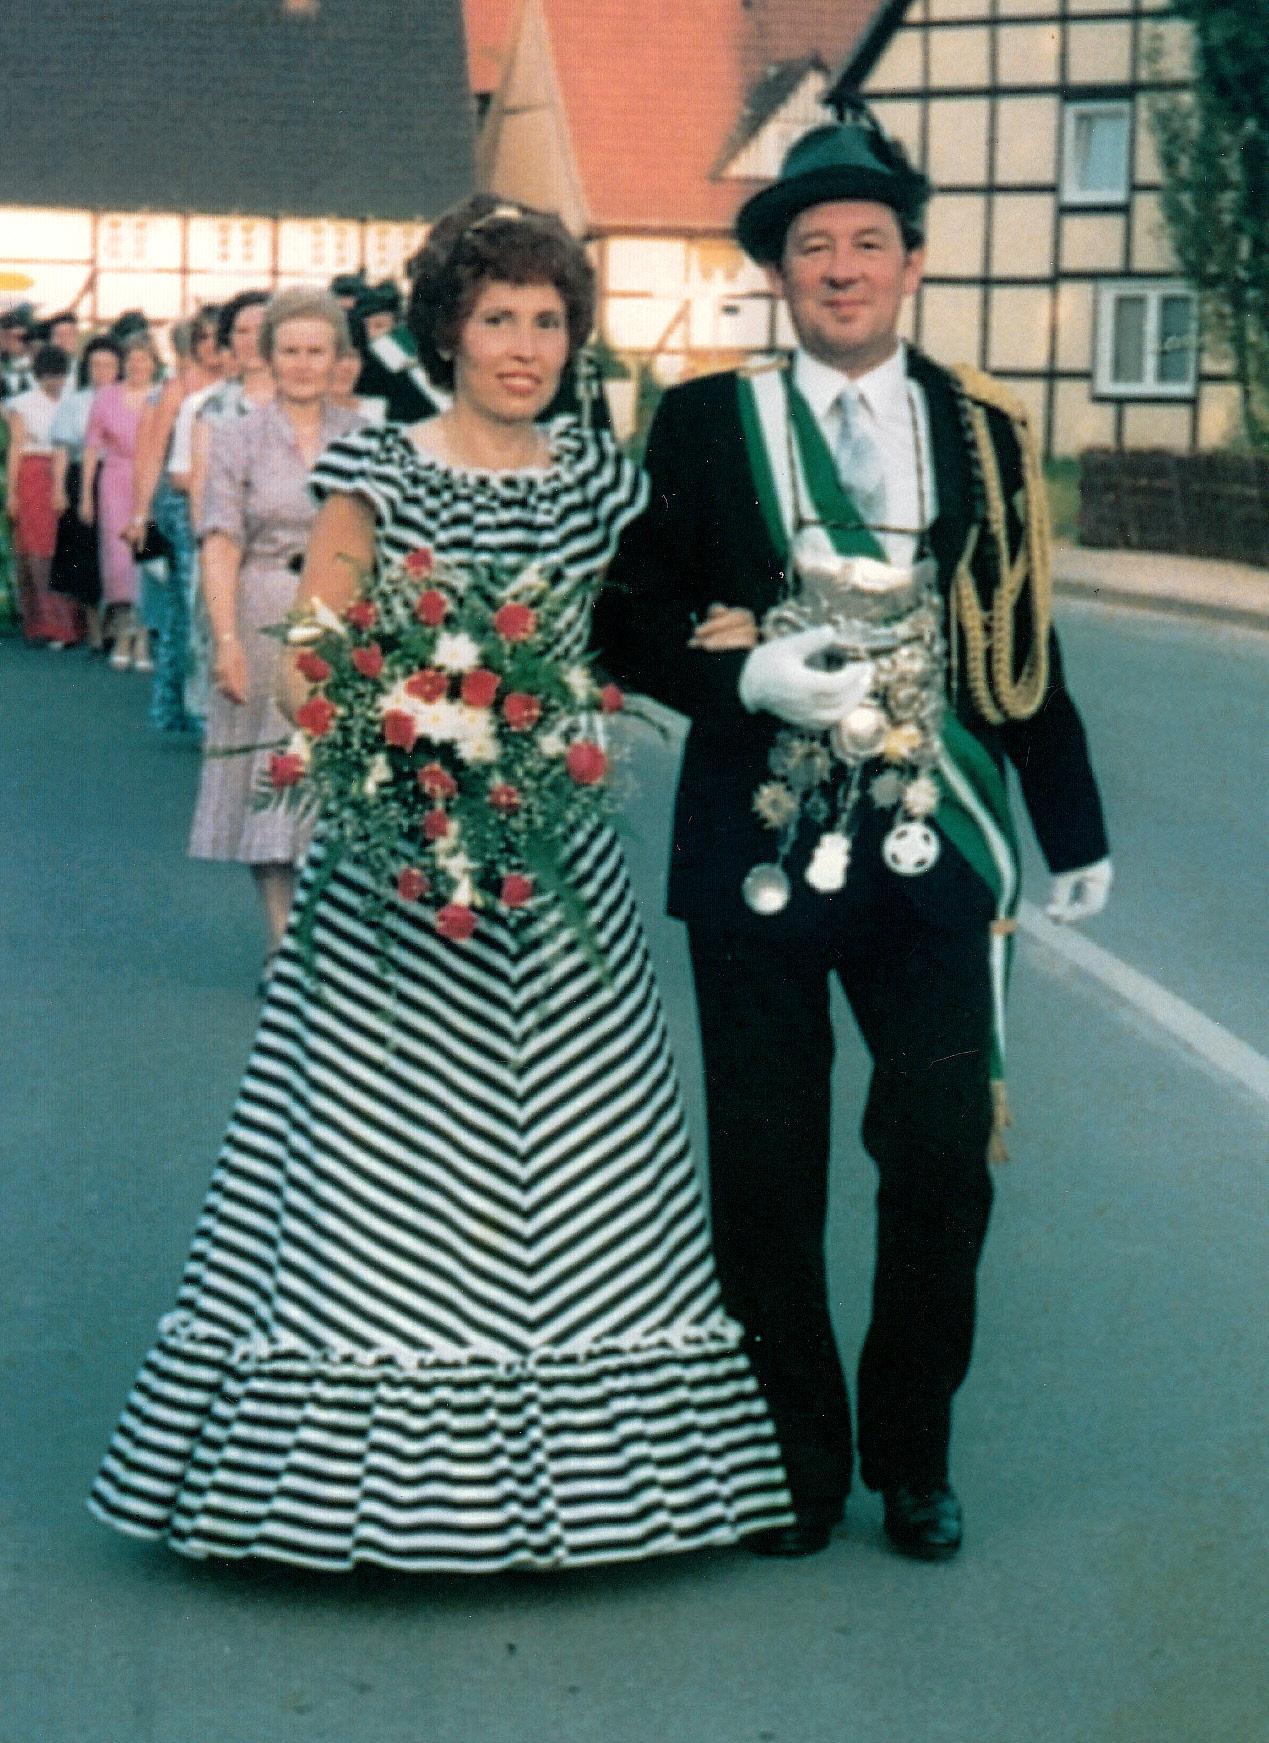 1983 Erwin Mersmann+ & Ursula Schenkel